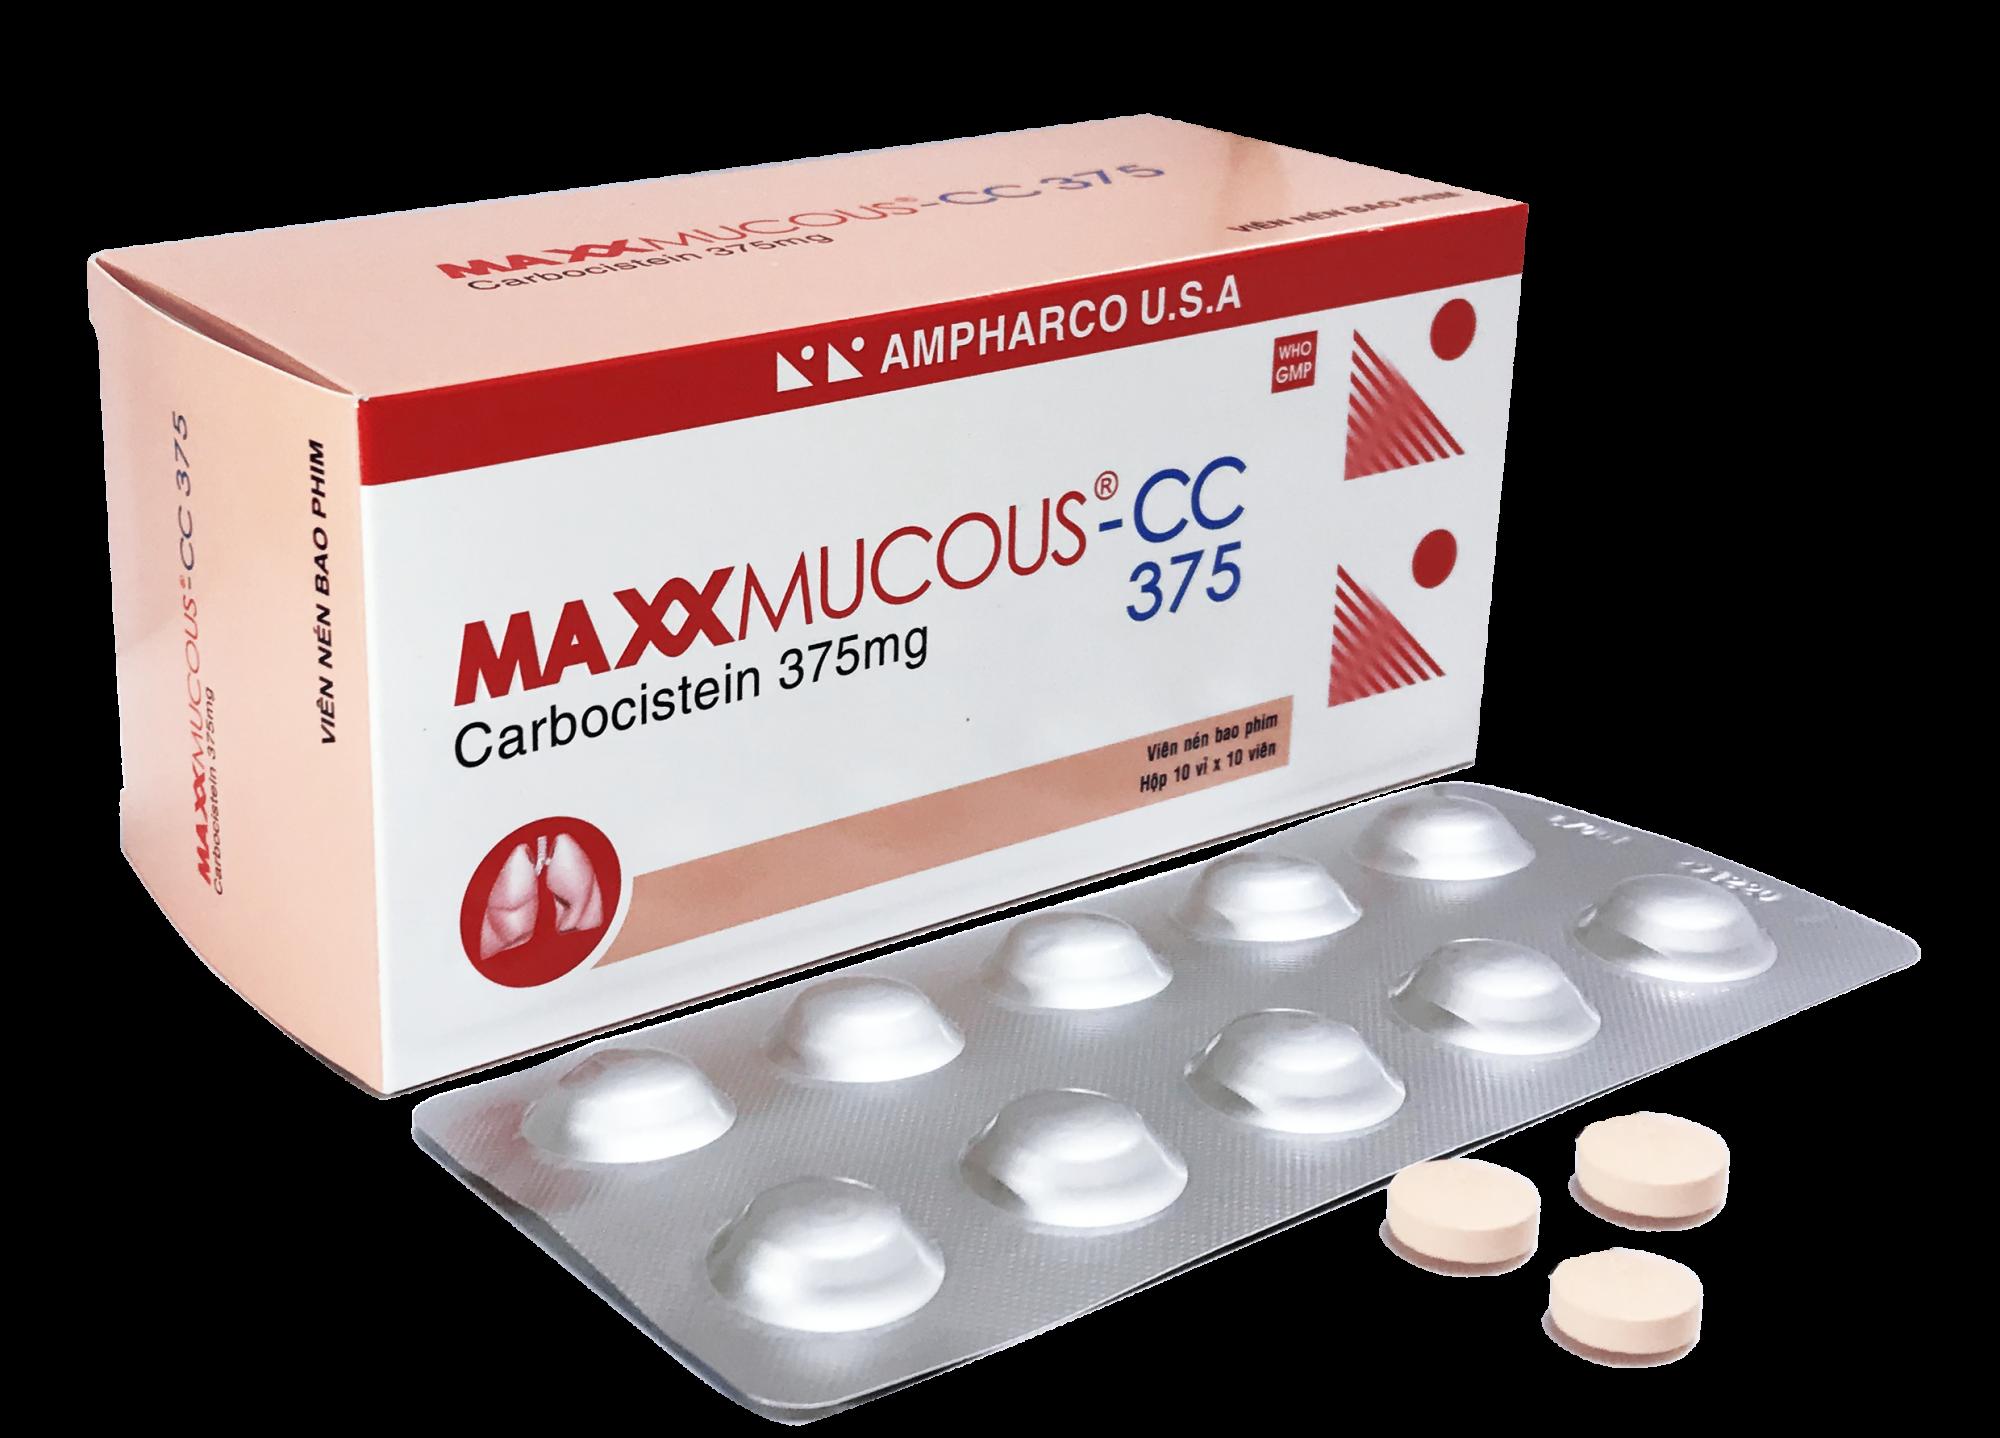 MAXXMUCOUS-CC 375 (Tab)